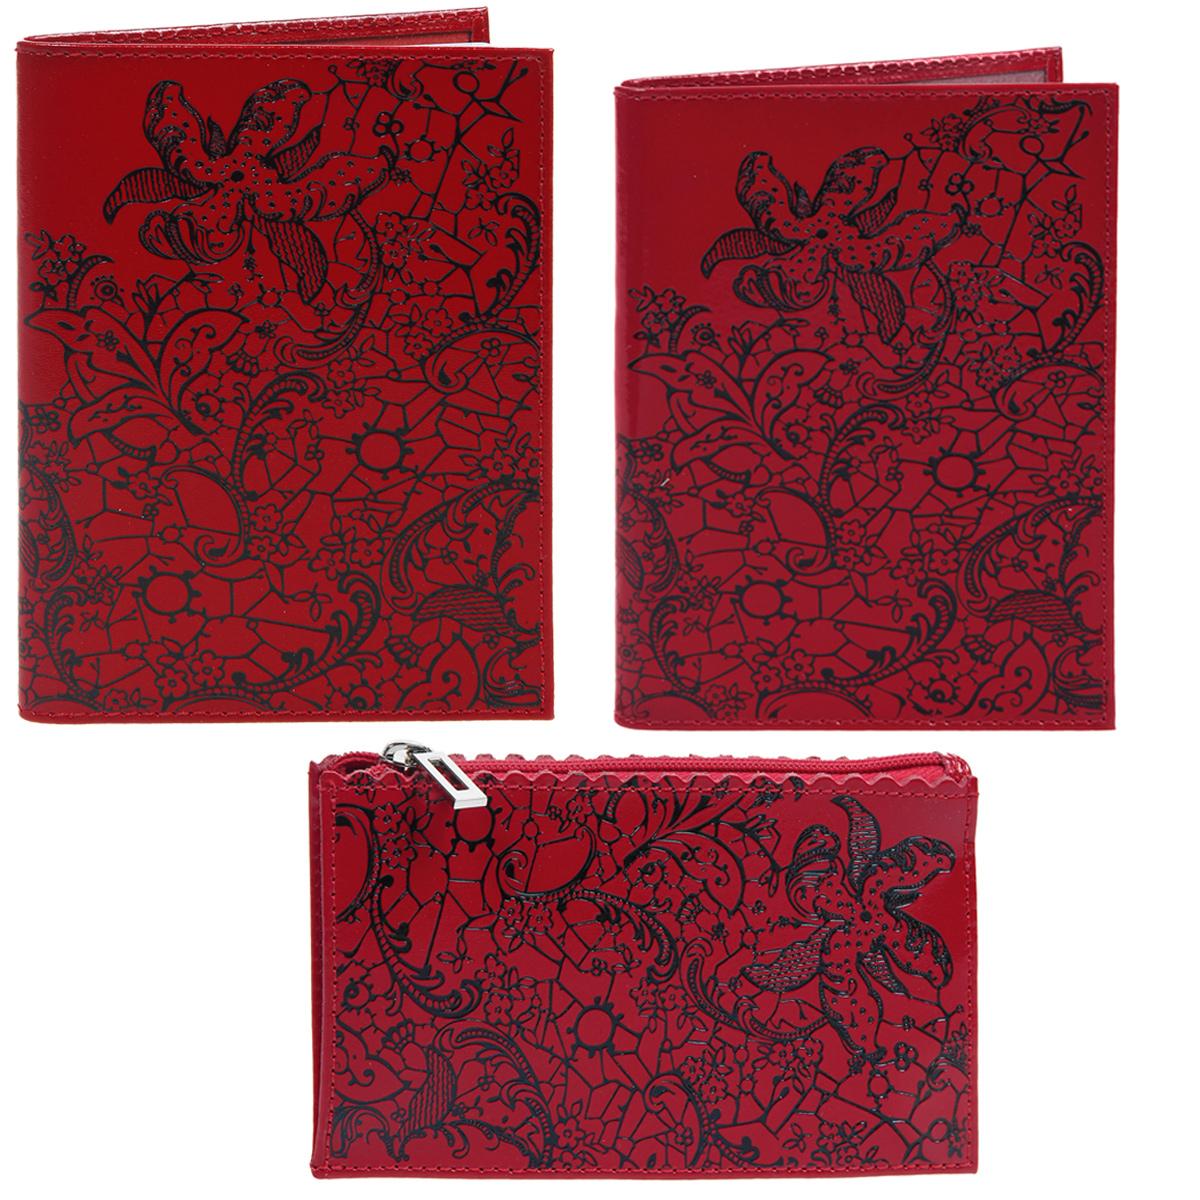 Комплект кожгалантереи Befler: обложка для паспорта, ключница, бумажник водителя, цвет: красный, 3 предметаBV.38.re/KL.25.re/O.32.reКомплект кожгалантереи Befler состоит из обложки для паспорта, ключницы и бумажника водителя. Изделия изготовлены из натуральной кожи красного цвета с изысканным тиснением в виде цветочных узоров. Ключница прямоугольной формы закрывается на застежку-молнию, внутри содержится металлическое кольцо для ключей. Внутри обложки для паспорта имеется два прозрачных пластиковых кармашка с прорезями. Бумажник водителя содержит блок из шести прозрачных пластиковых файлов. Изящные изделия идеально дополнят ваш образ и станут чудесным подарком к любому случаю. Характеристики: Материал: натуральная кожа, металл, пластик. Цвет: красный. Размер обложки для паспорта: 9,5 см х 13,5 см. Размер бумажника водителя: 9 см х 12,5 см. Размер ключницы: 13 см х 7,5 см. Размер упаковки: 24 см х 11 см х 5 см. Артикул: BV.38.re/KL.25.re/O.32.re.